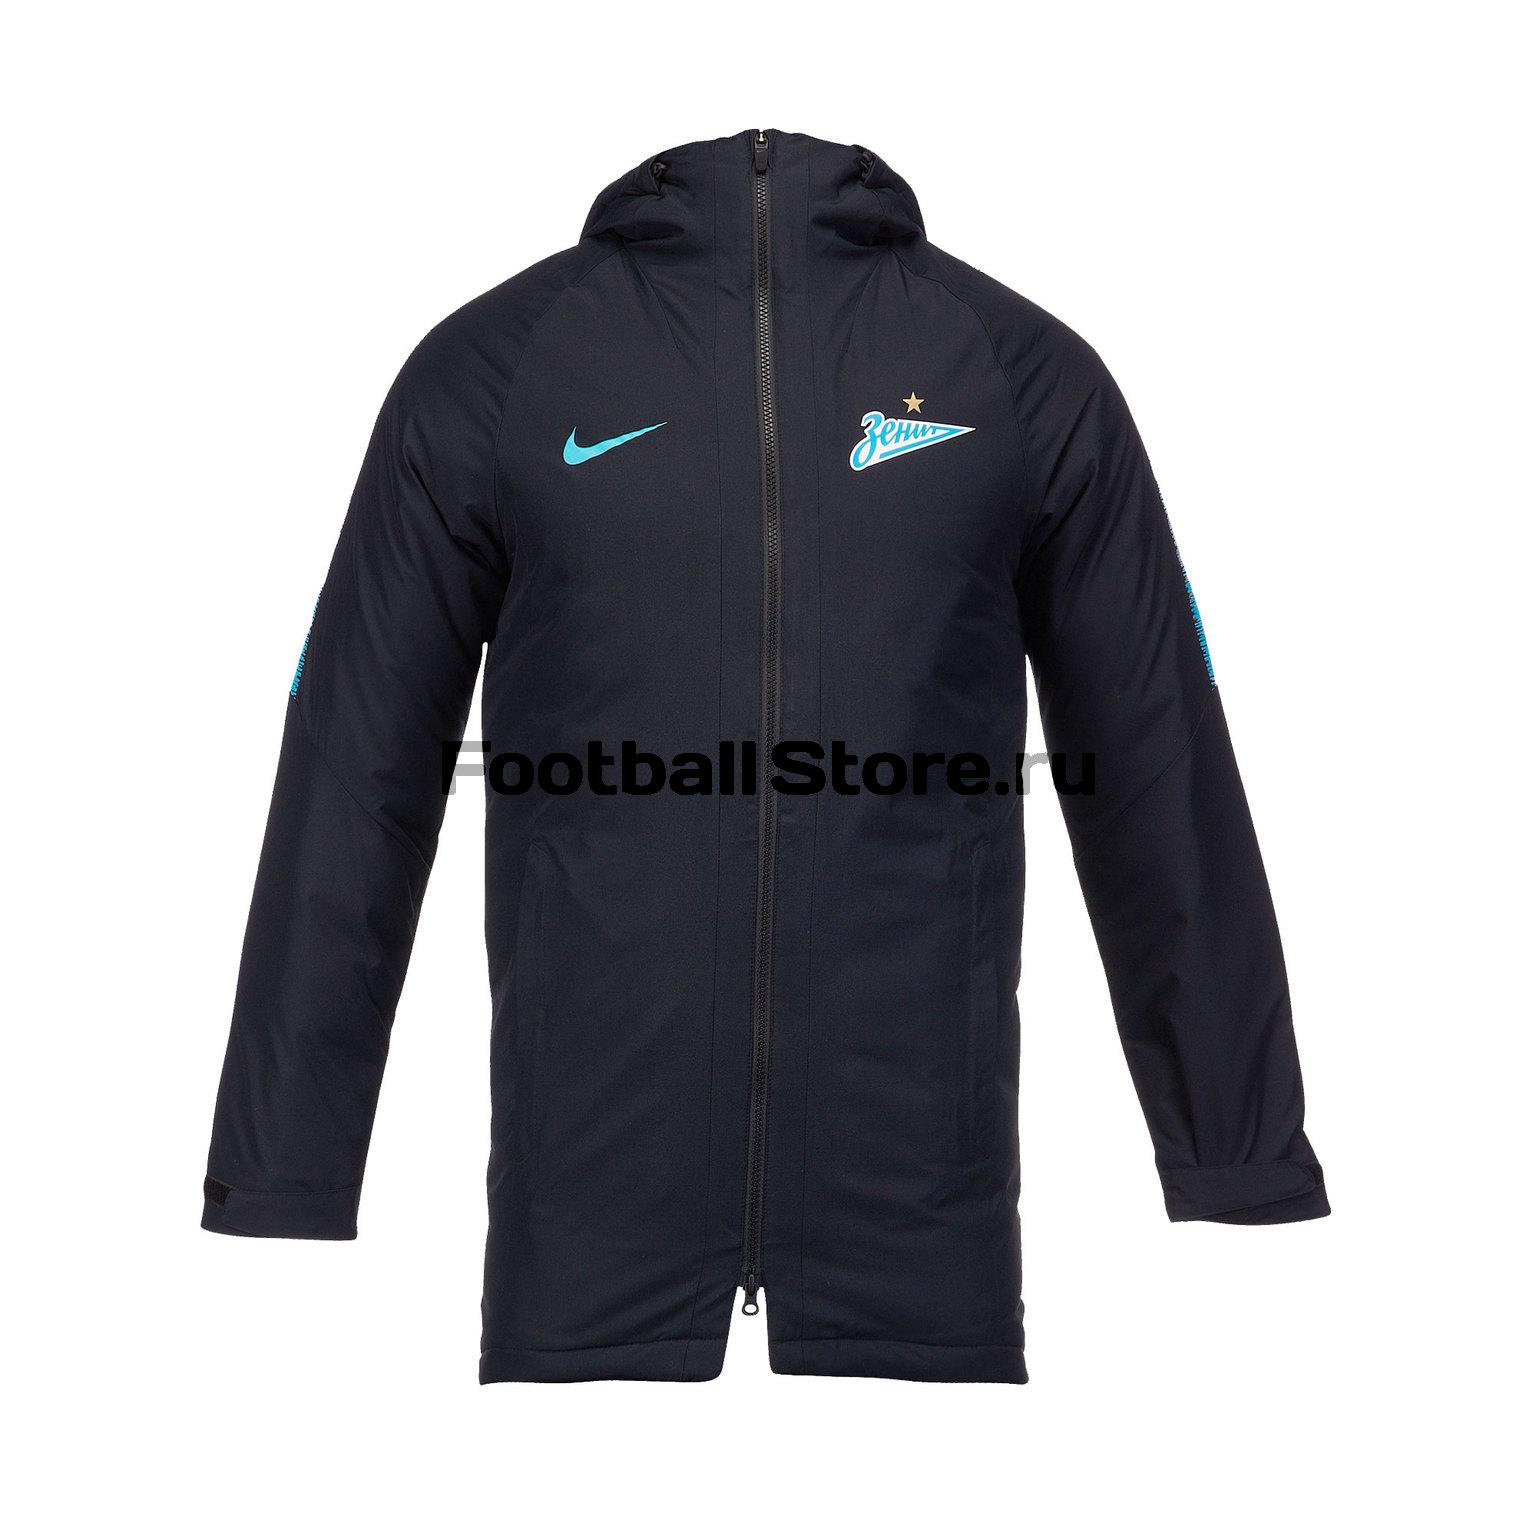 Куртка зимняя Nike Zenit 2018/19